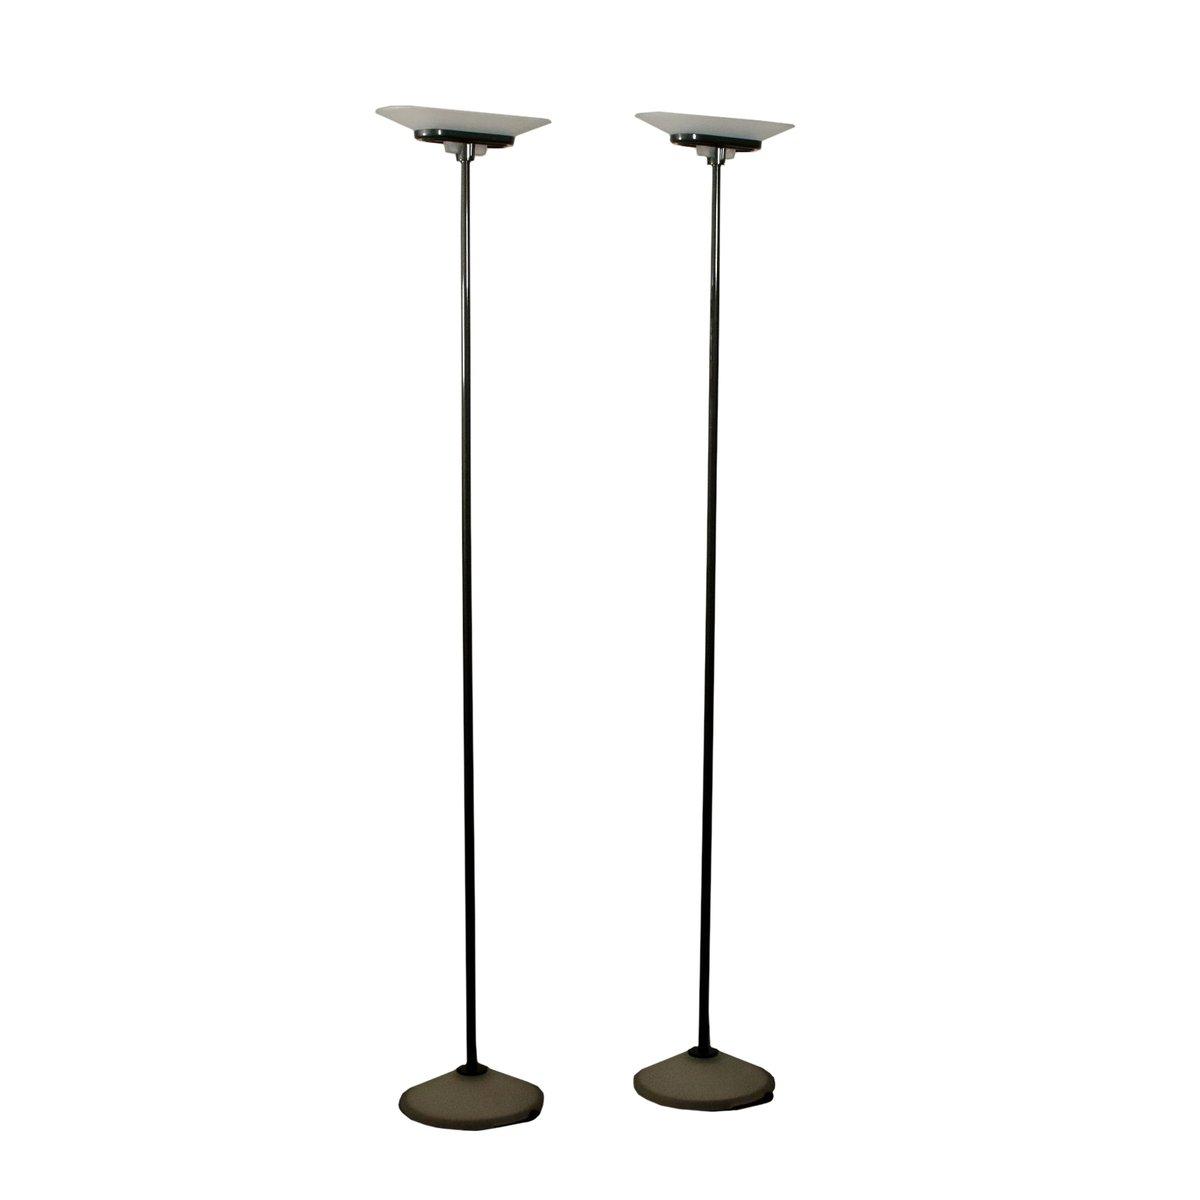 Stehlampen aus Metall & Glas von Santiago Miranda für Arteluce, 1980er...